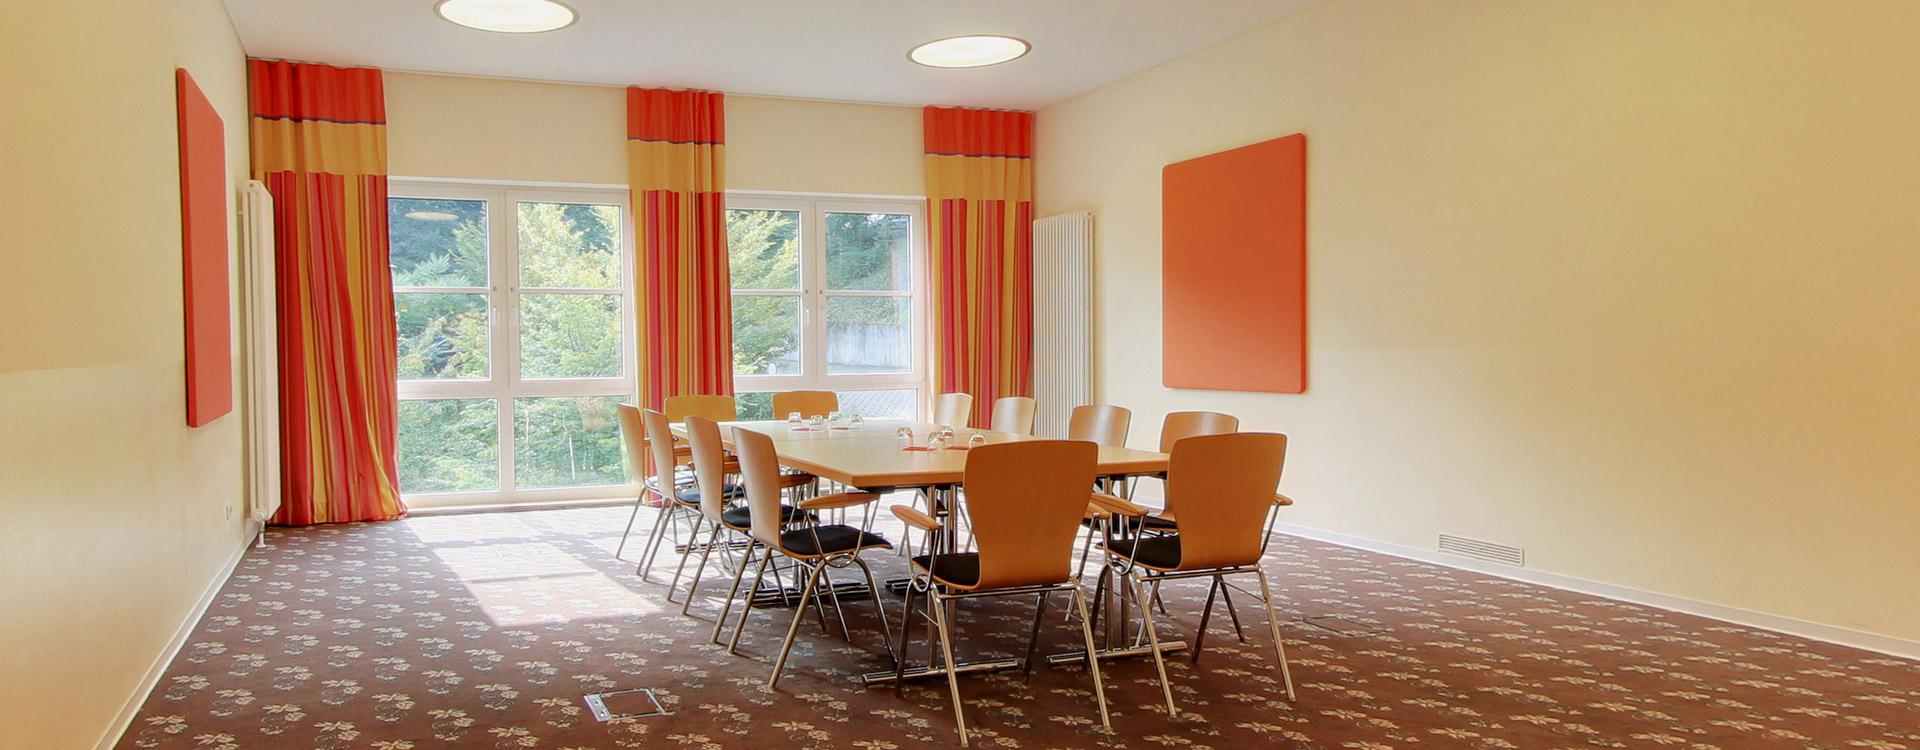 akzent_waldhotel_rheingau_geisenheim_tagungen_05